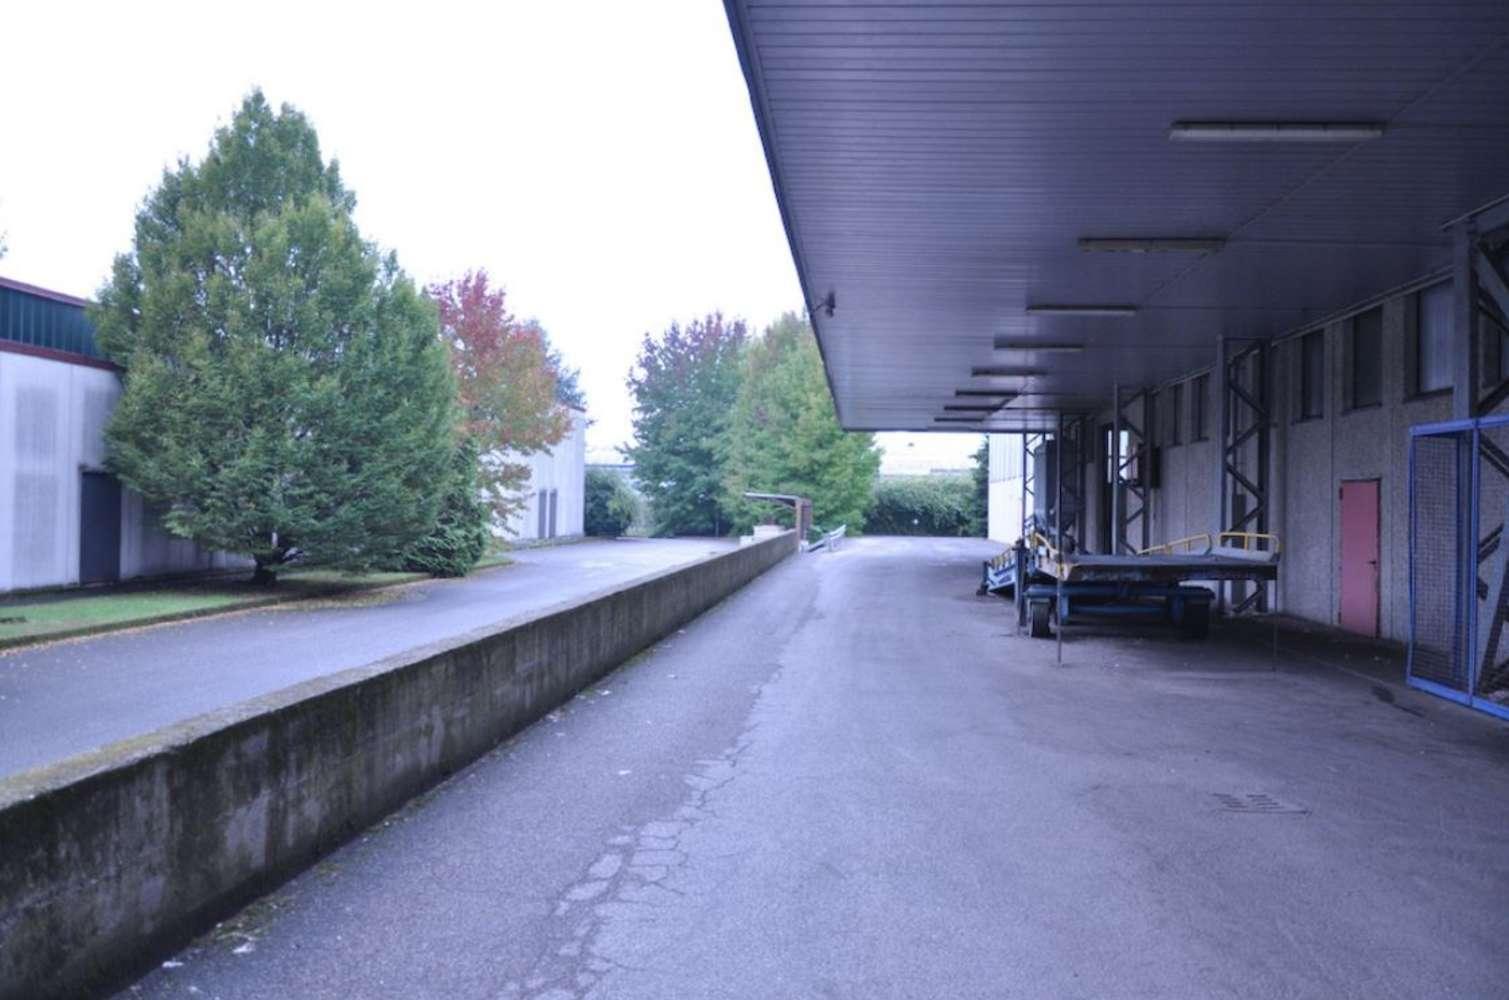 Magazzini industriali e logistici Inveruno, 20010 - Inveruno Via Rembrandt - 10810235